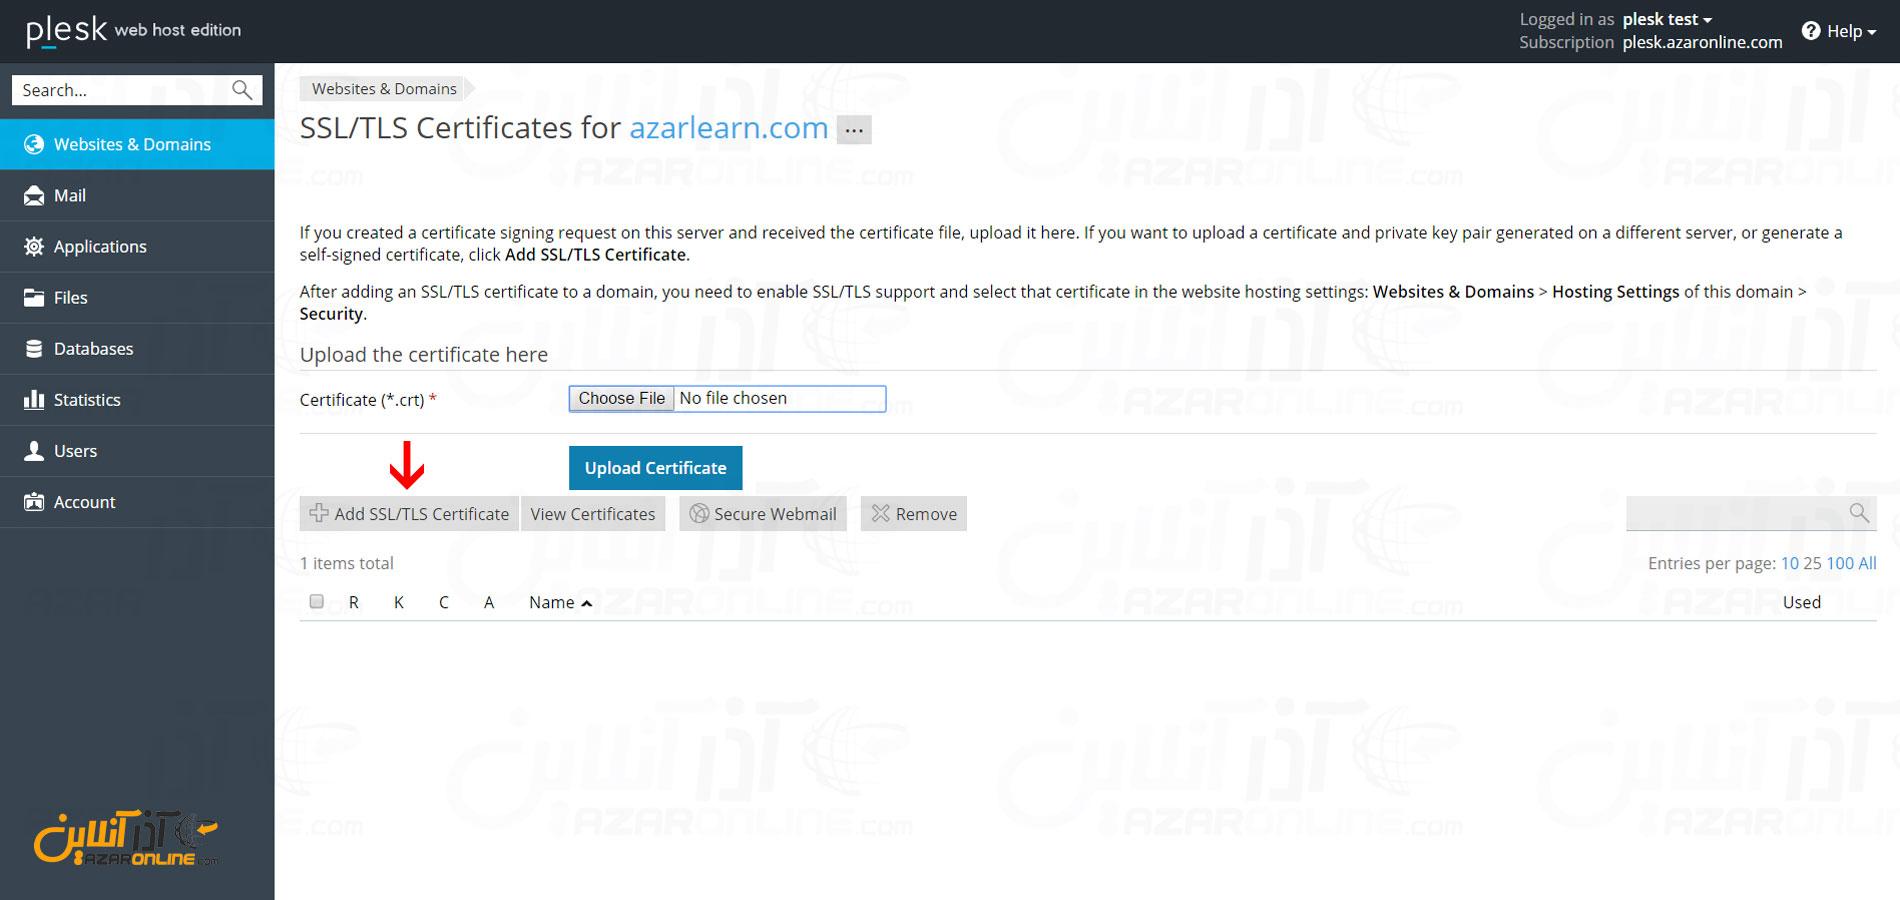 کلیک بر روی Add SSL/TLS Certificate